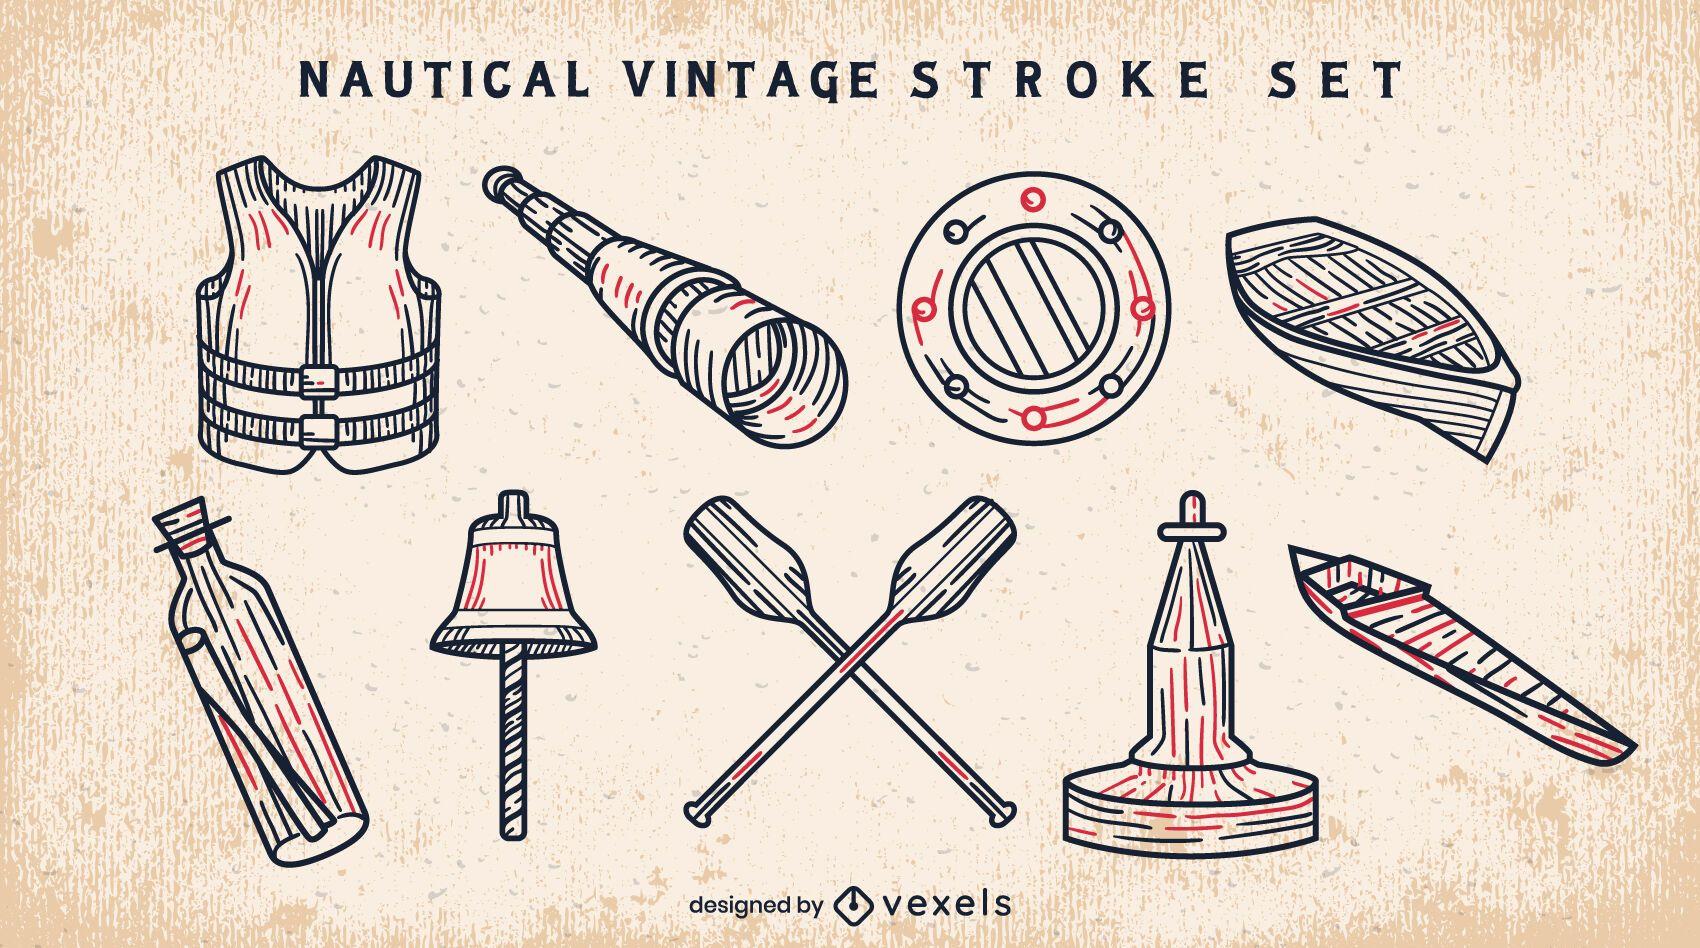 Conjunto de elementos de trazo vintage de barco náutico